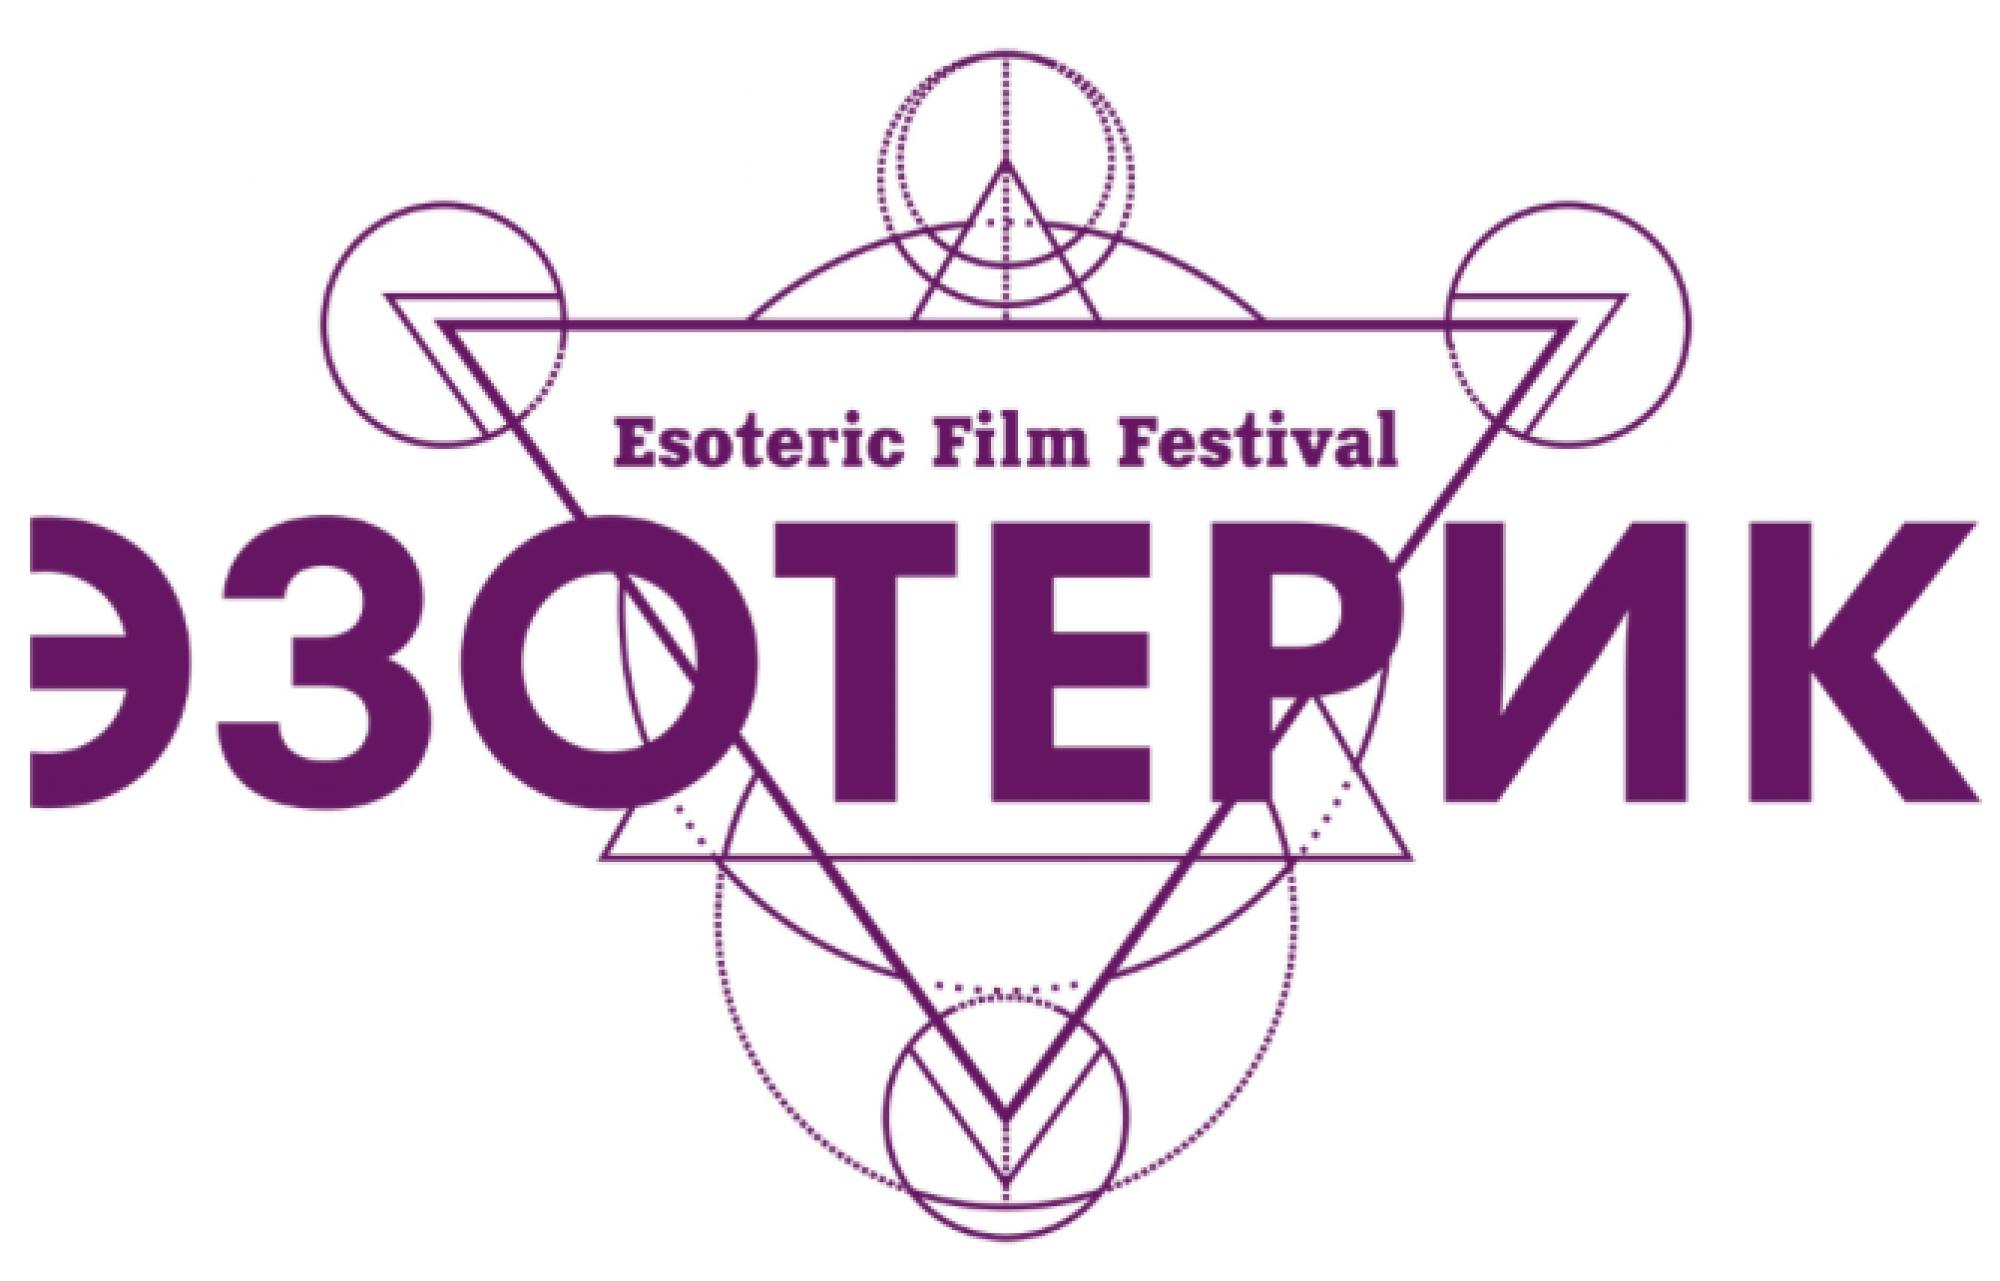 Когда духи не помогают: первый Международный эзотерический кинофестиваль перенесён из-за коронавируса